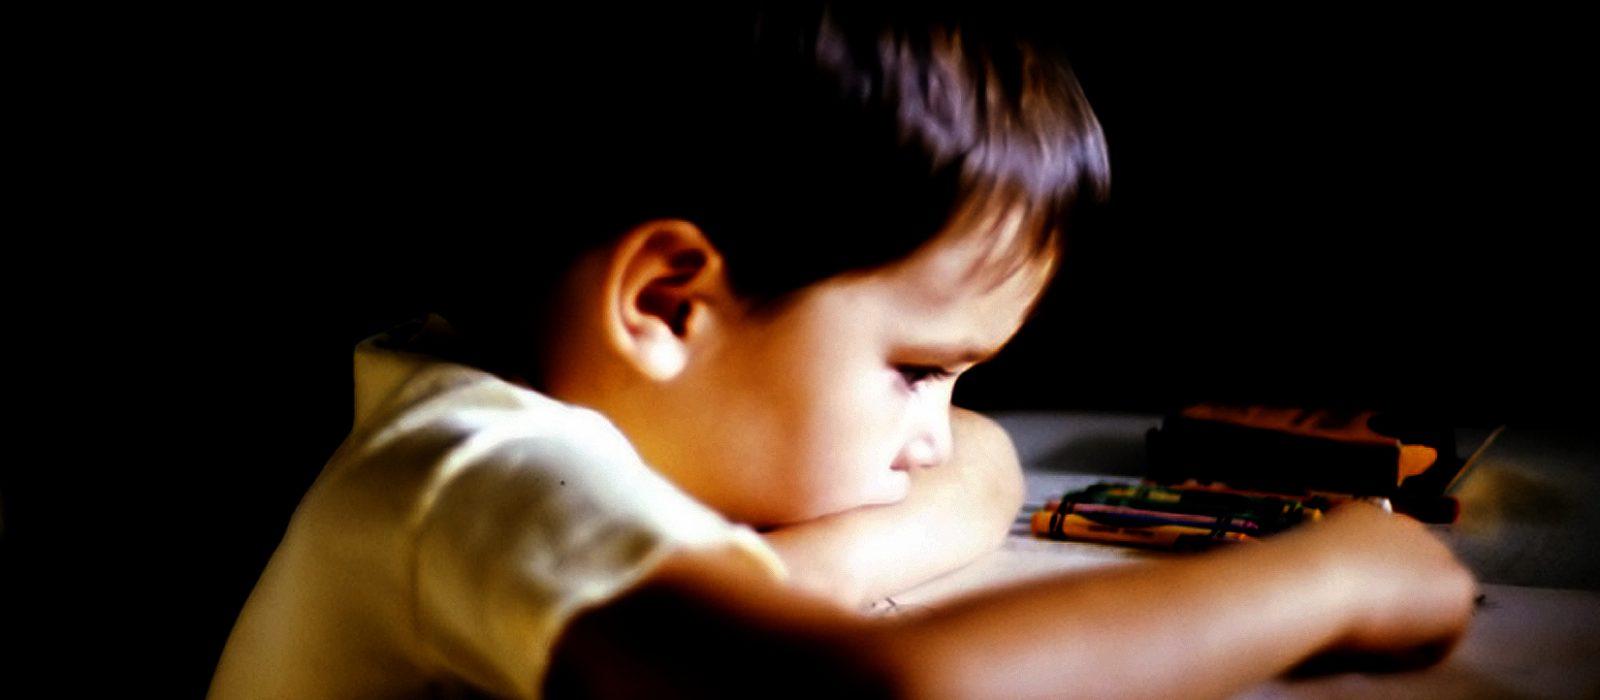 El duelo en los niños: cómo identificar señales normales de las preocupantes